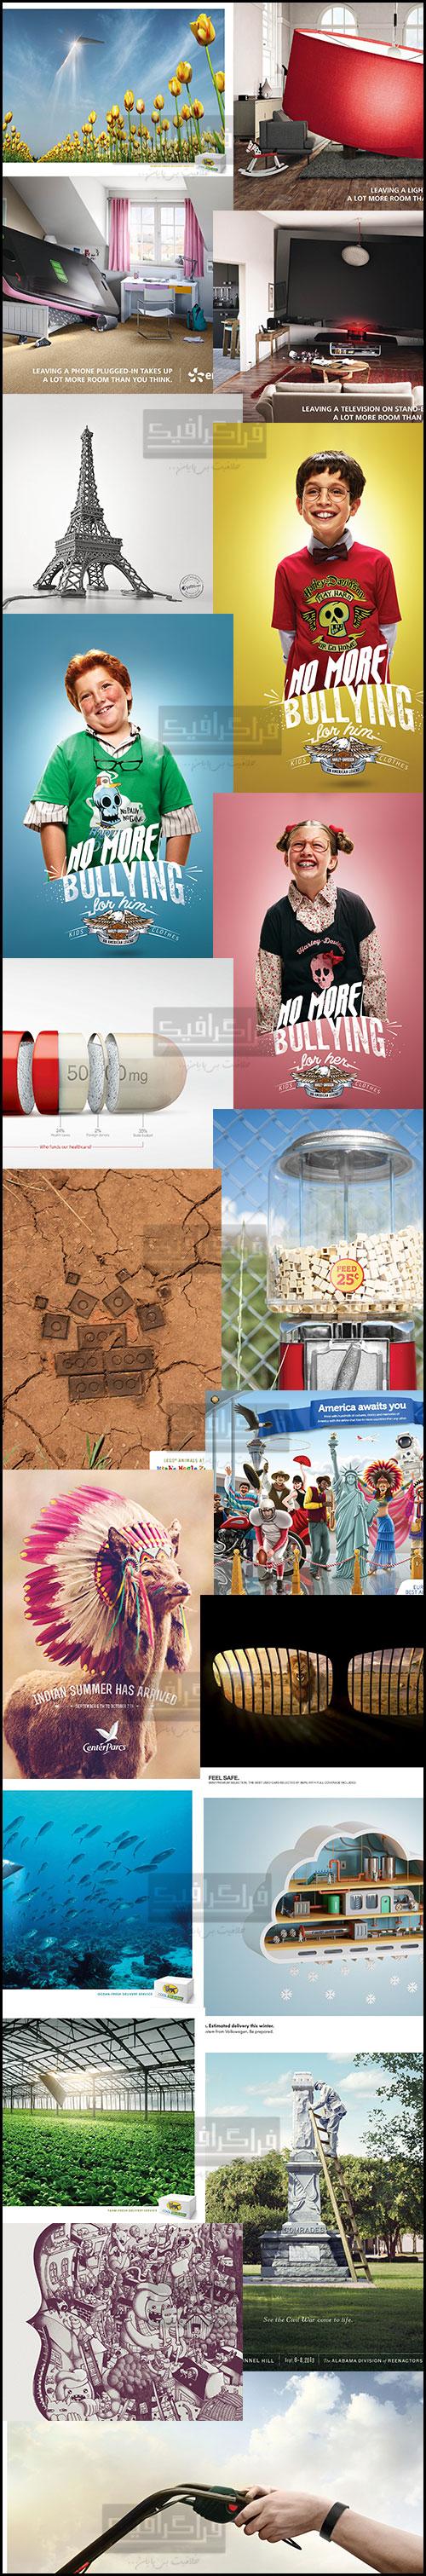 دانلود تصاویر تبلیغاتی خلاقانه - شماره 16